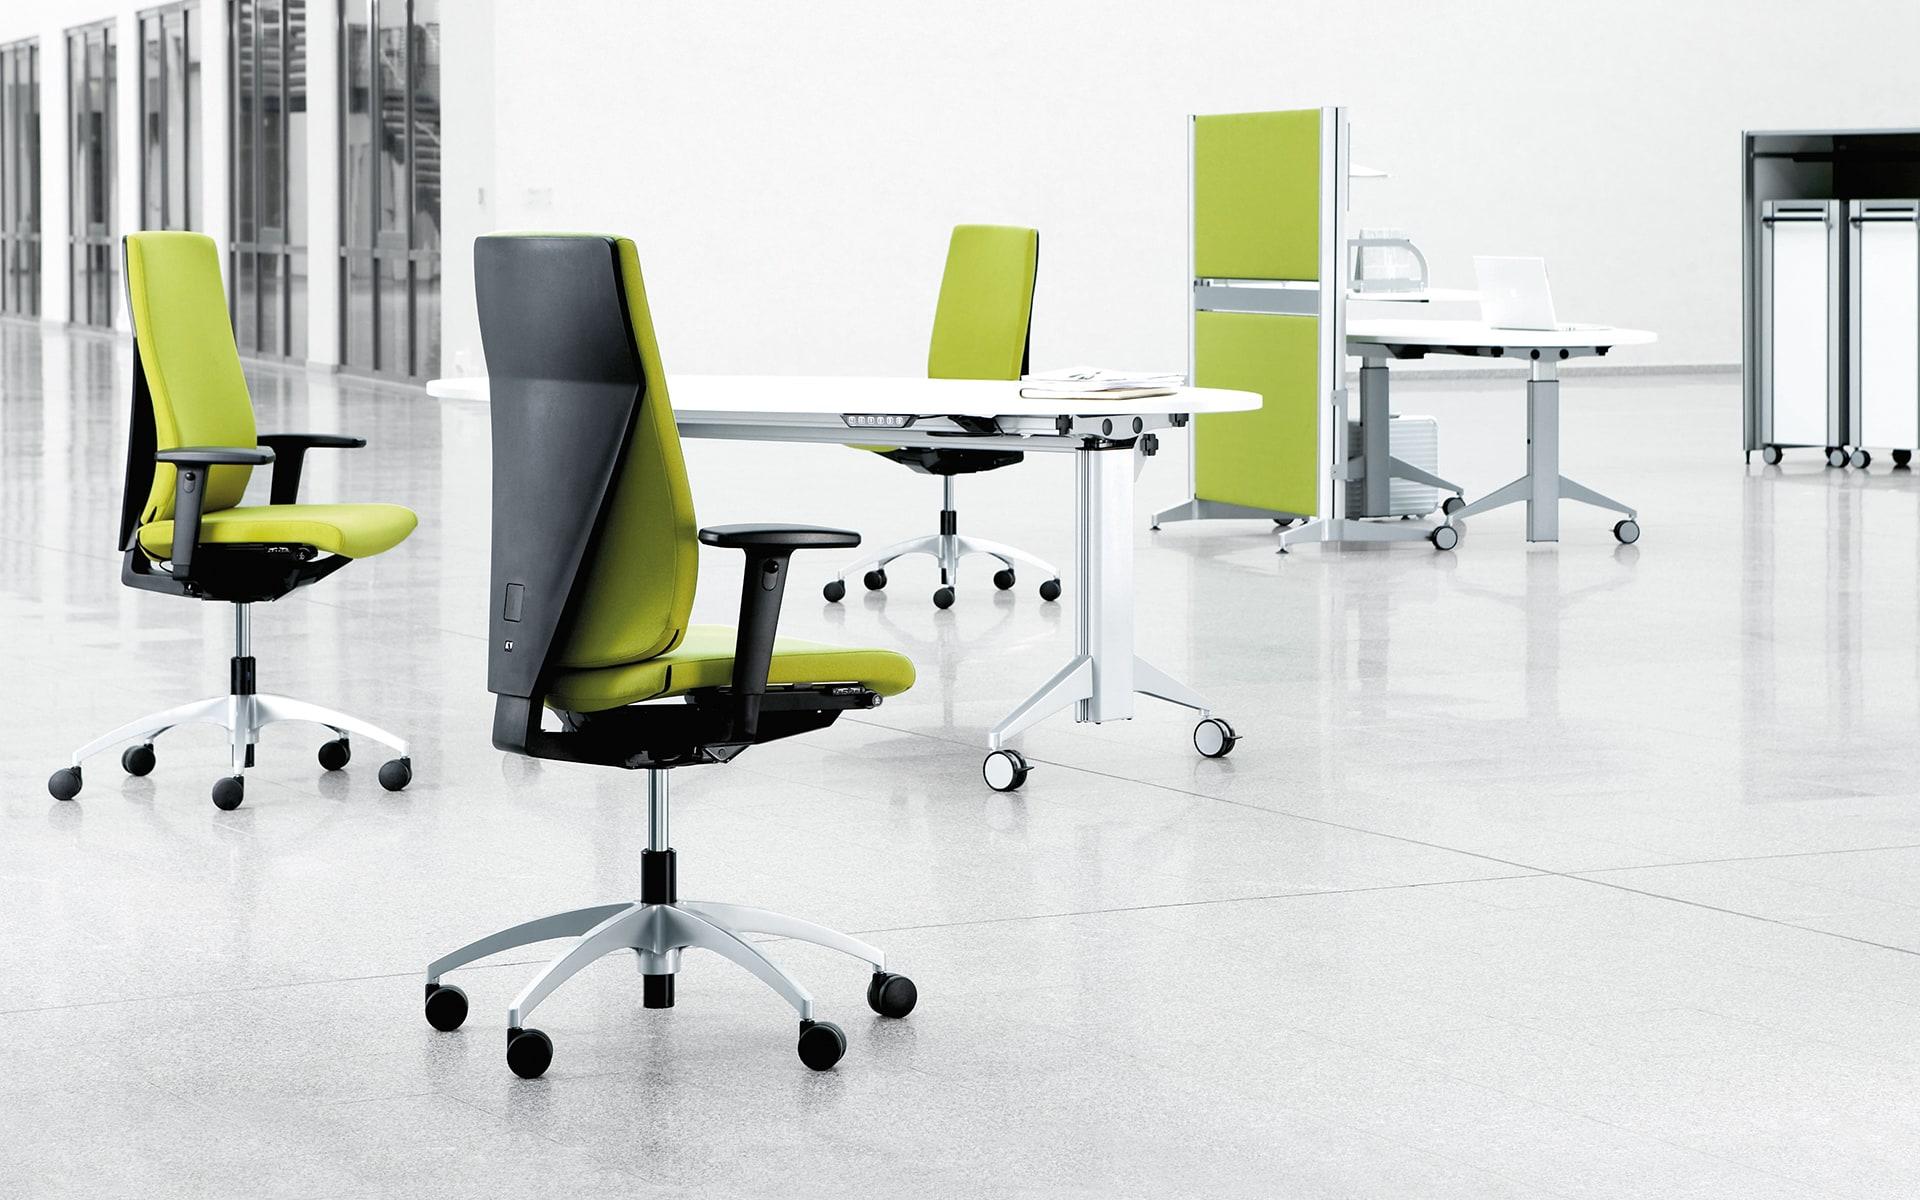 Drei K+N Signeta Drehstühle von ITO Design mit hellgrünem Polster in monochromem Büro